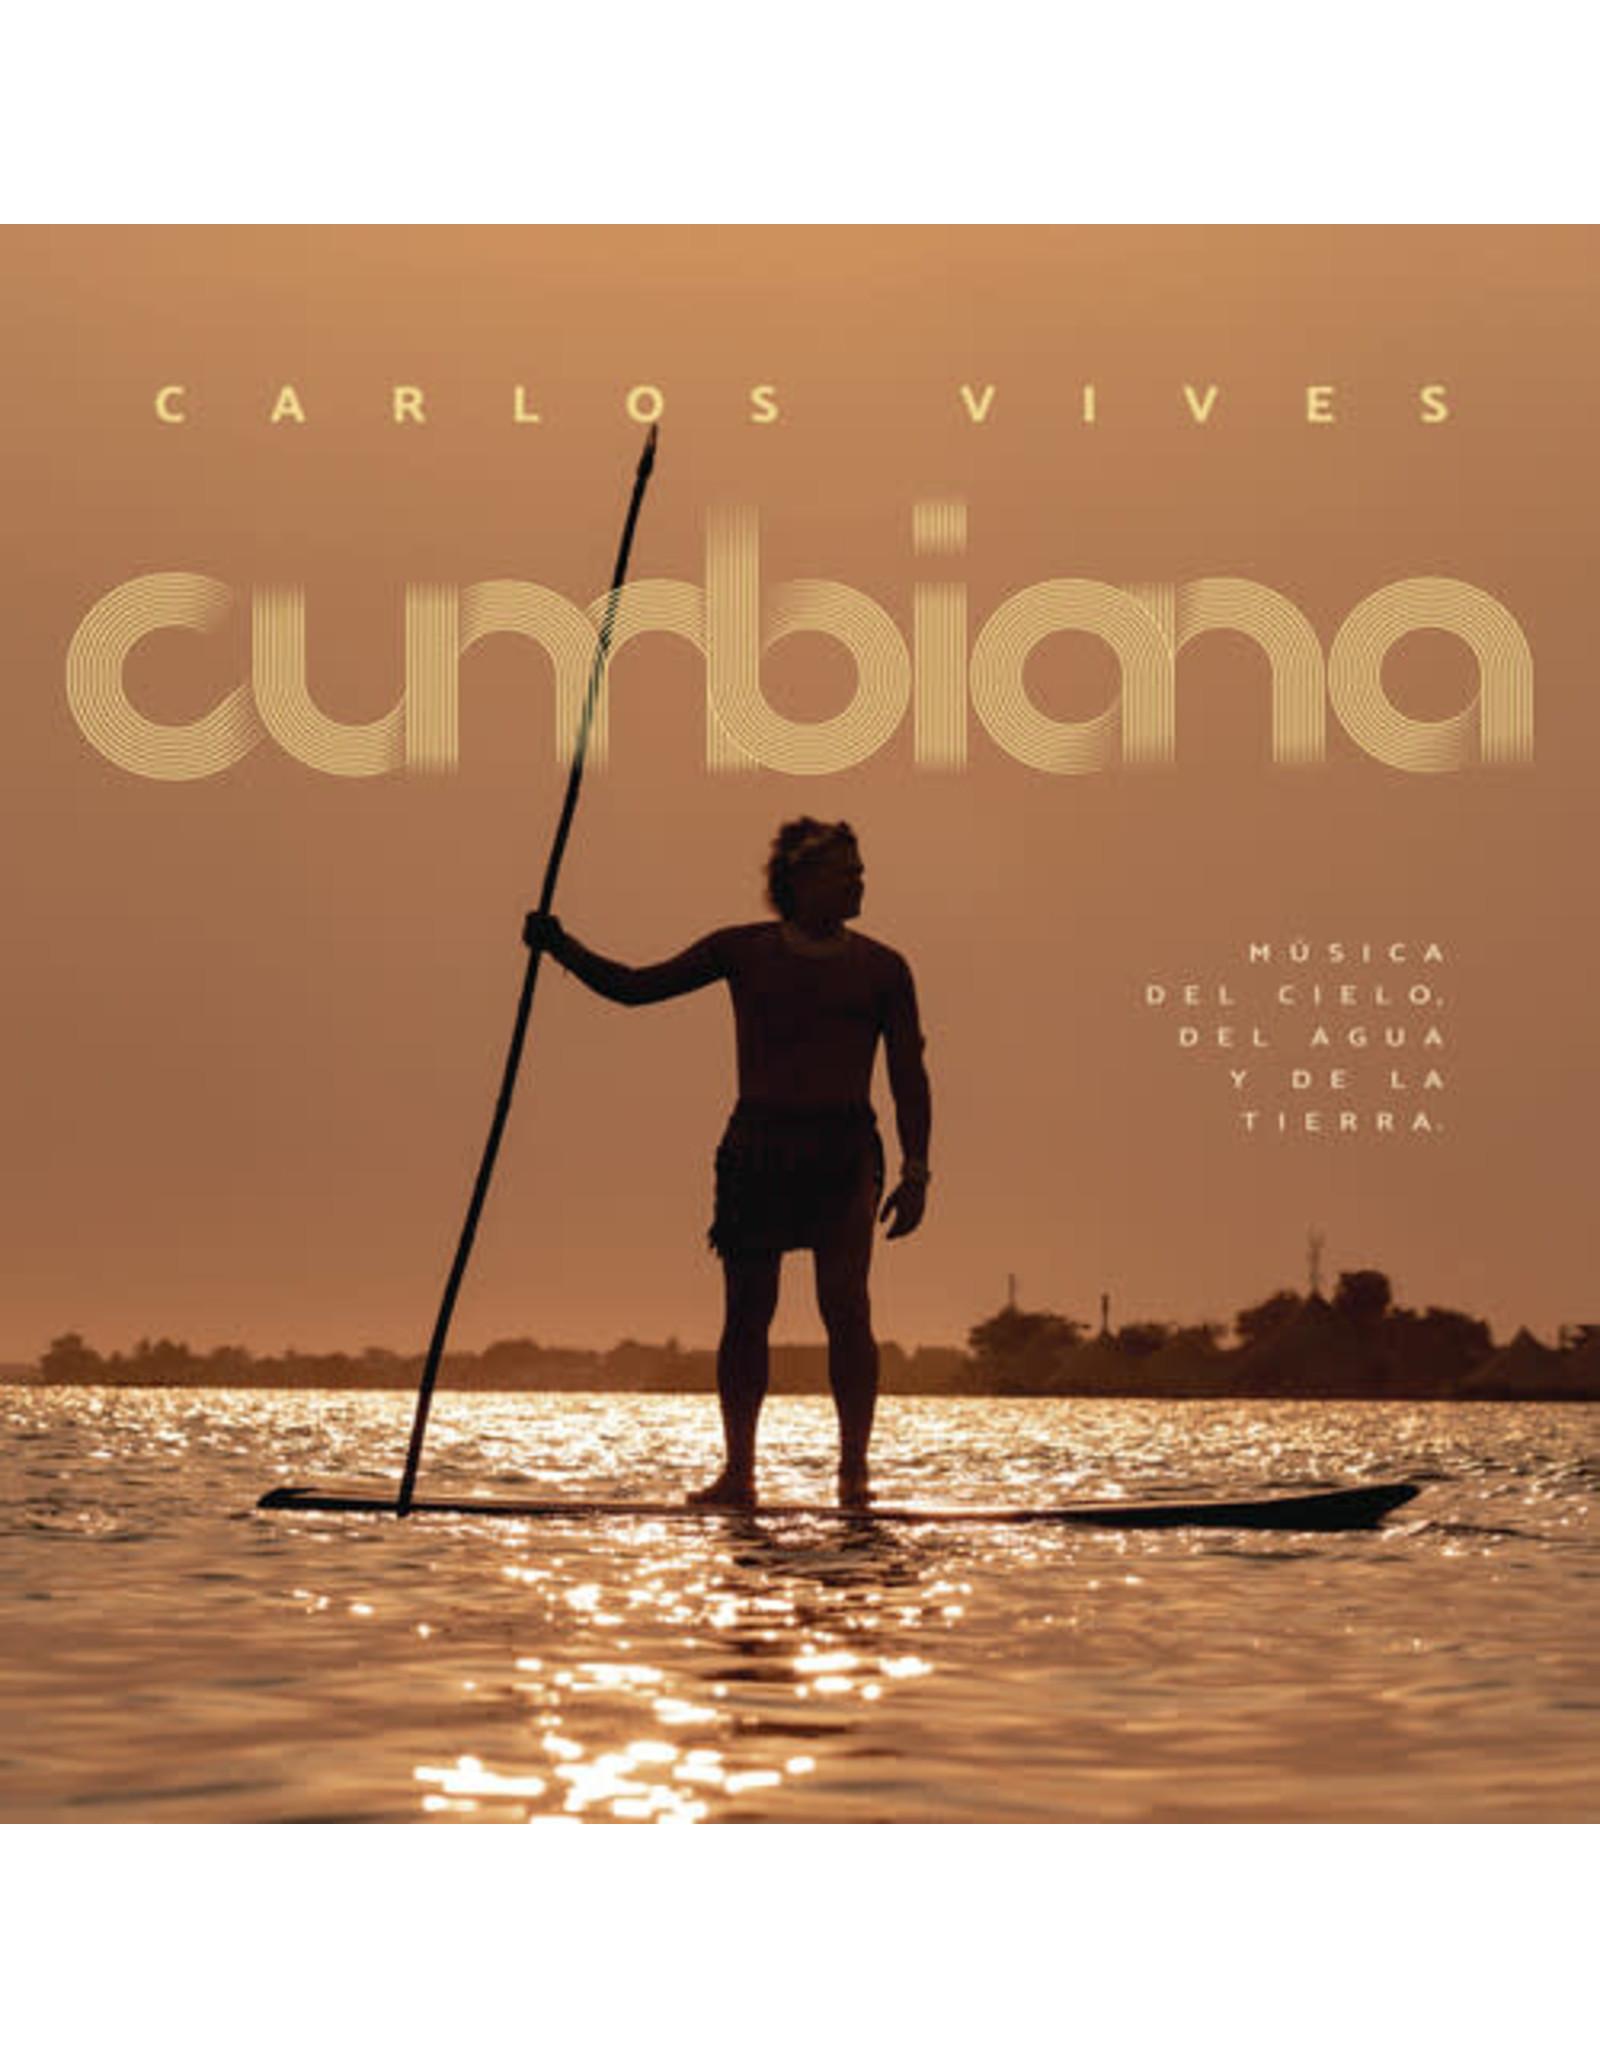 New Vinyl Carlos Vives - Cumbiana LP